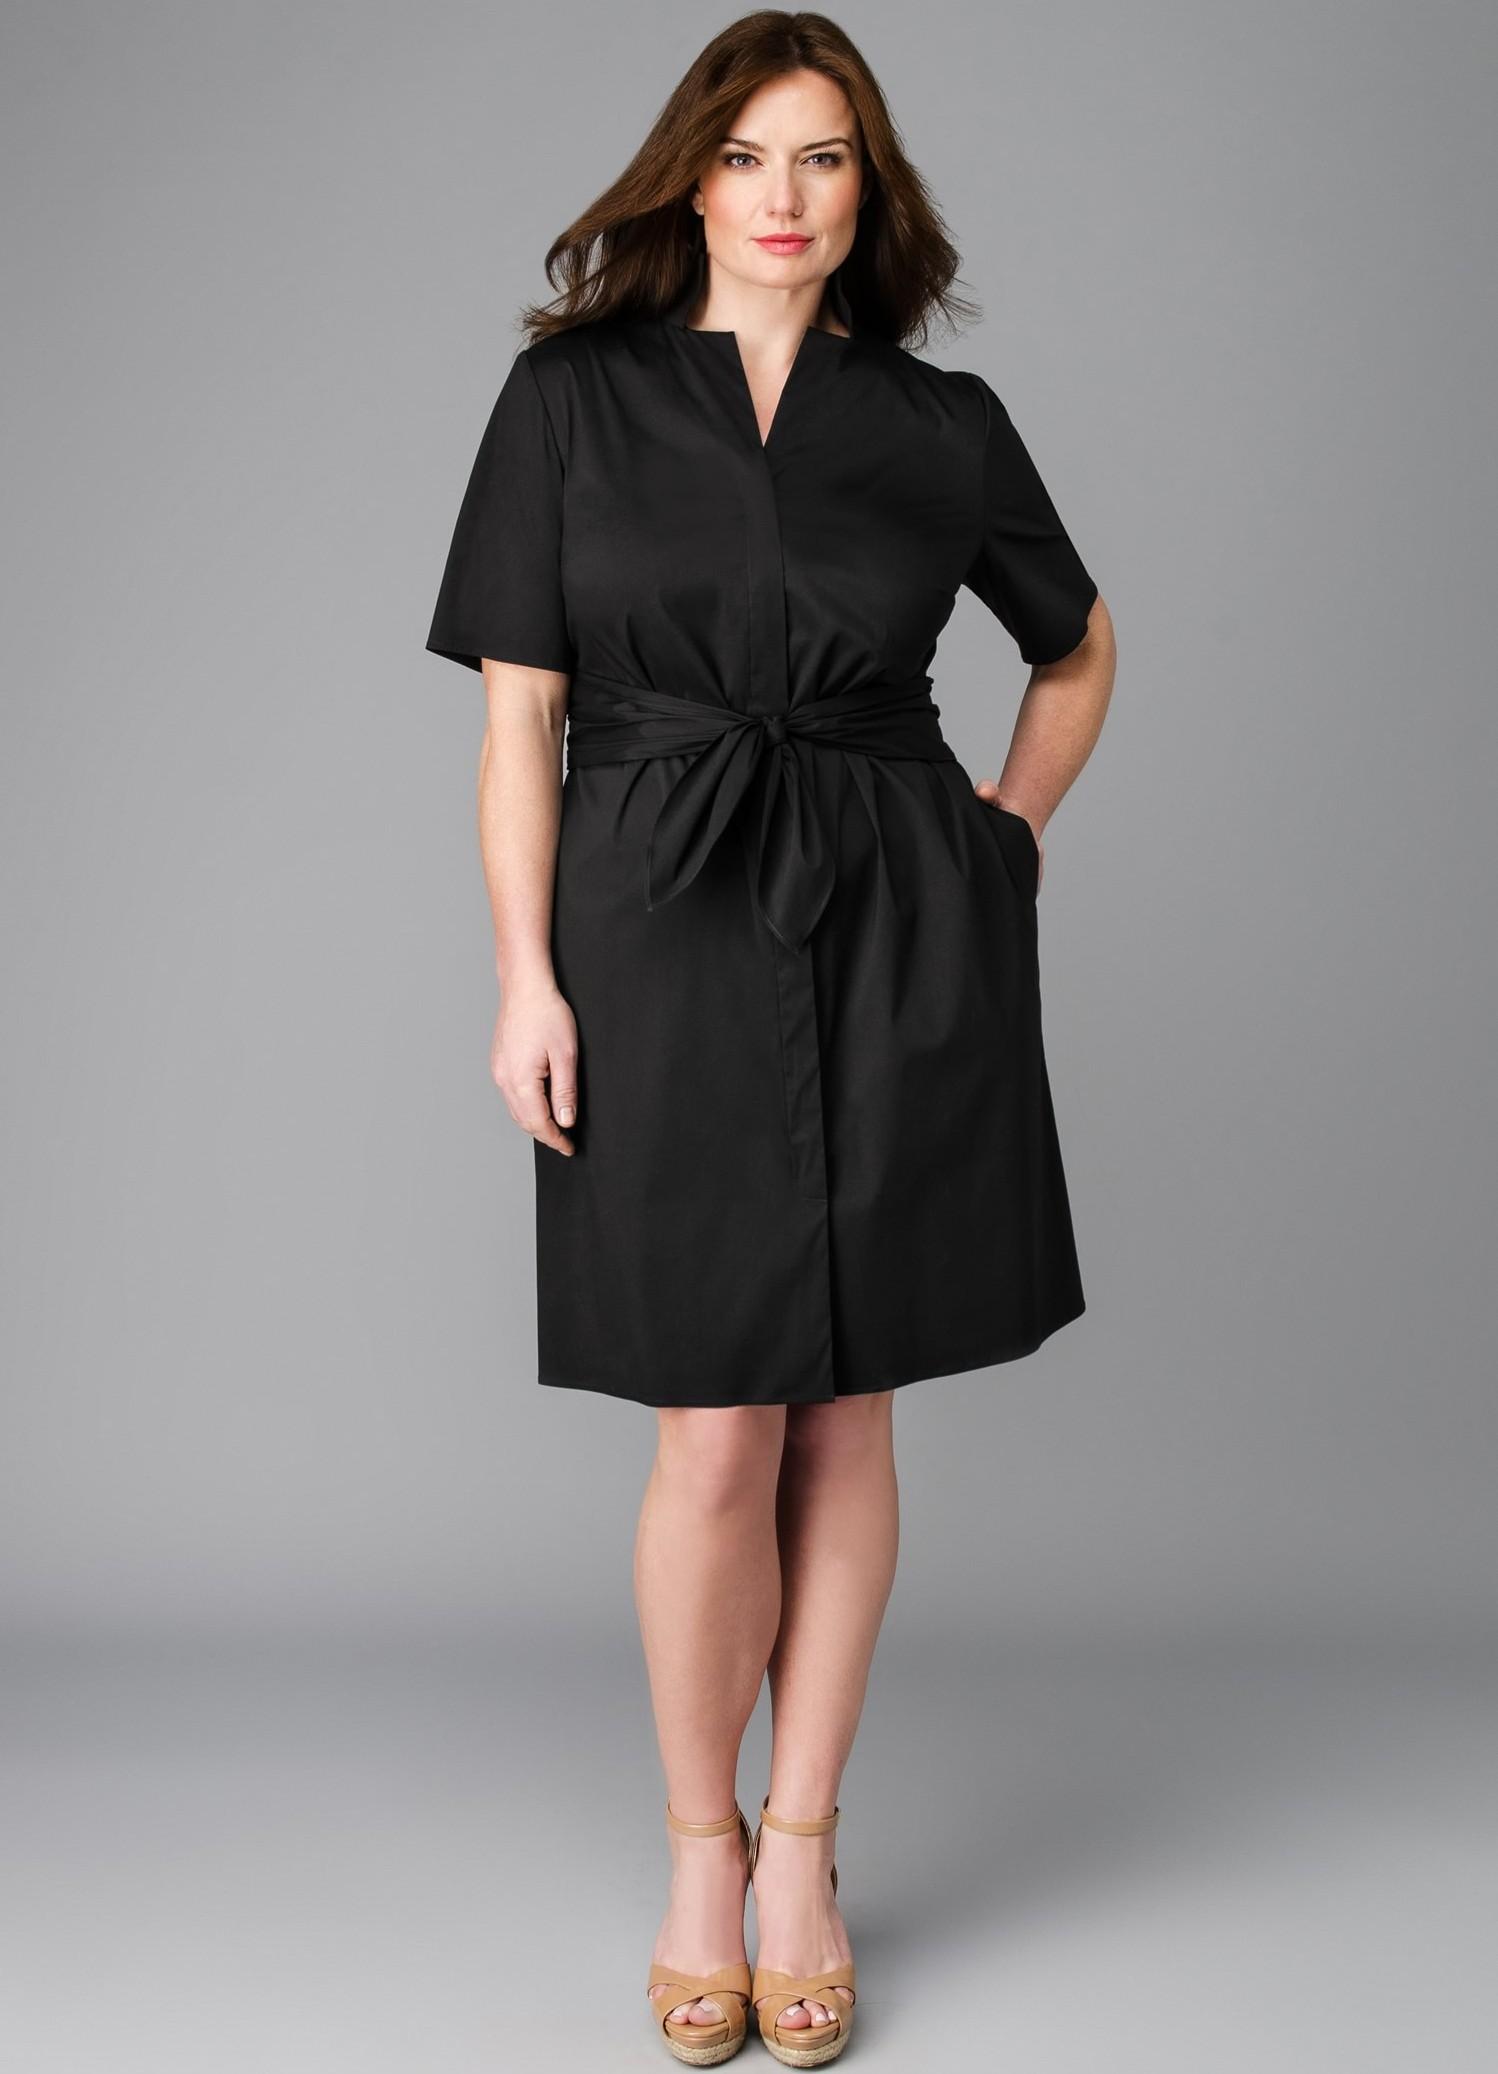 Современное платье для полных девушек